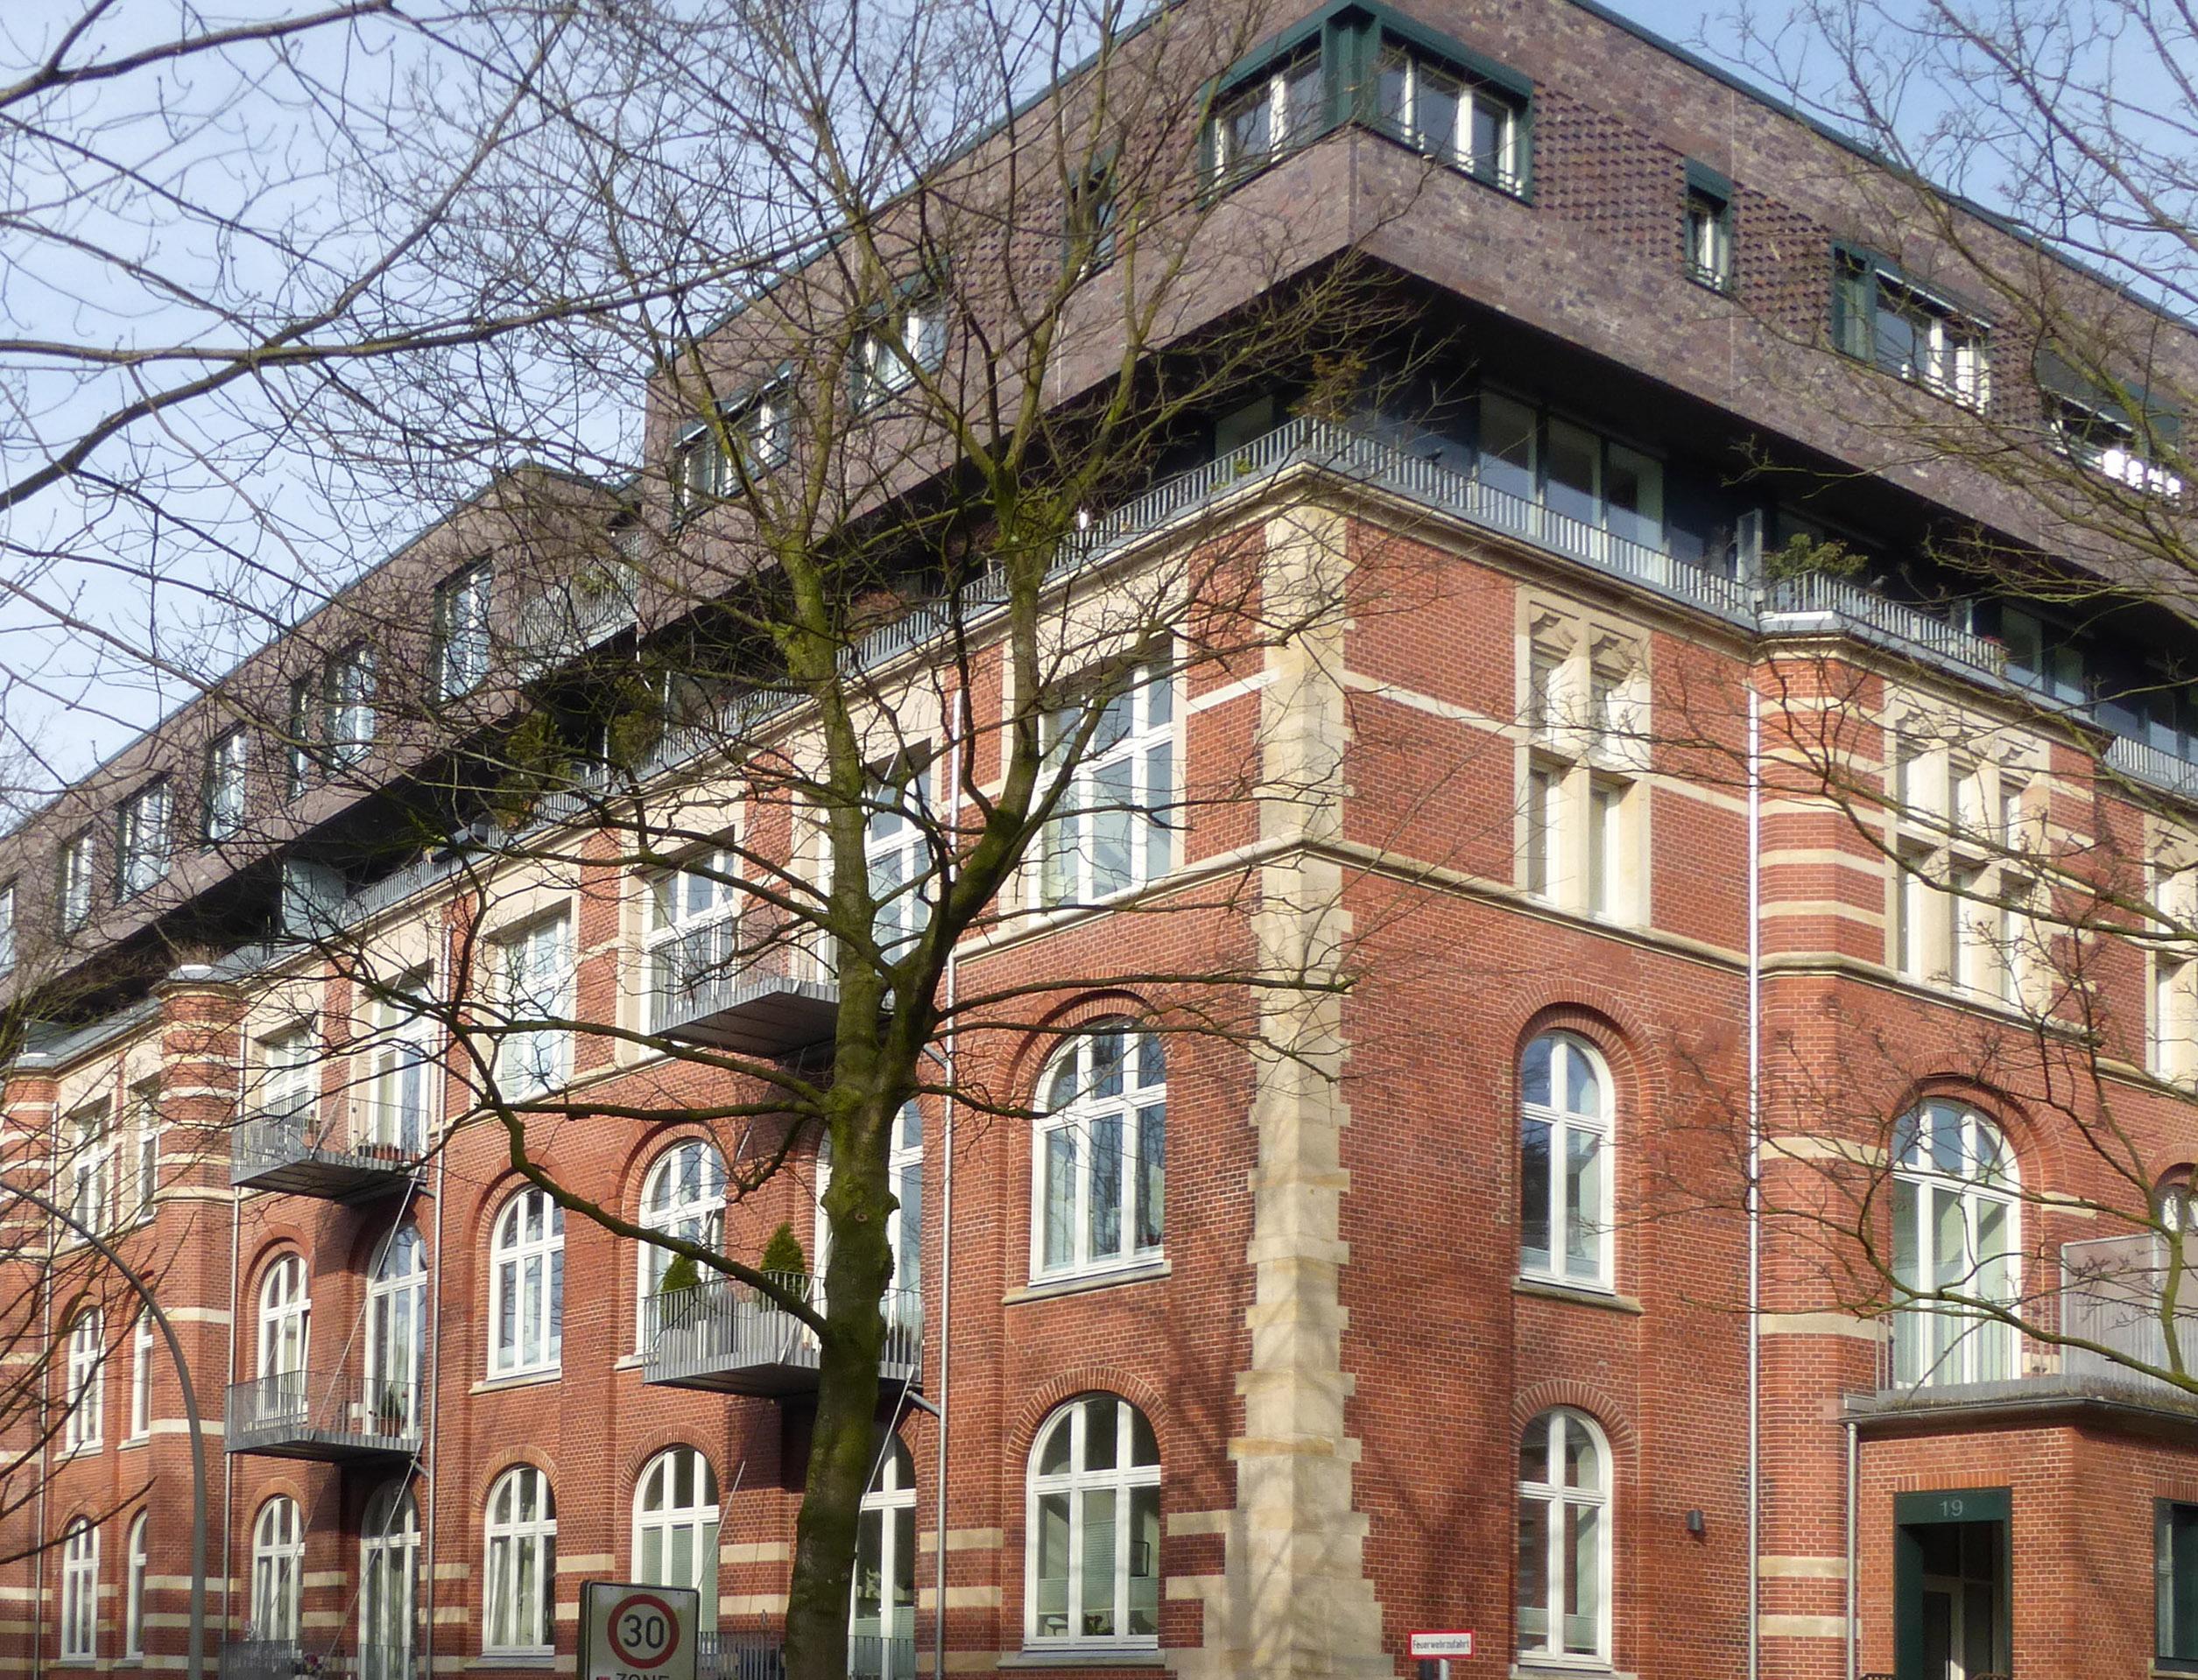 Dachgeschossausbau Hamburg hbauo erleichtert wohnungsbau im bestand hamburg de